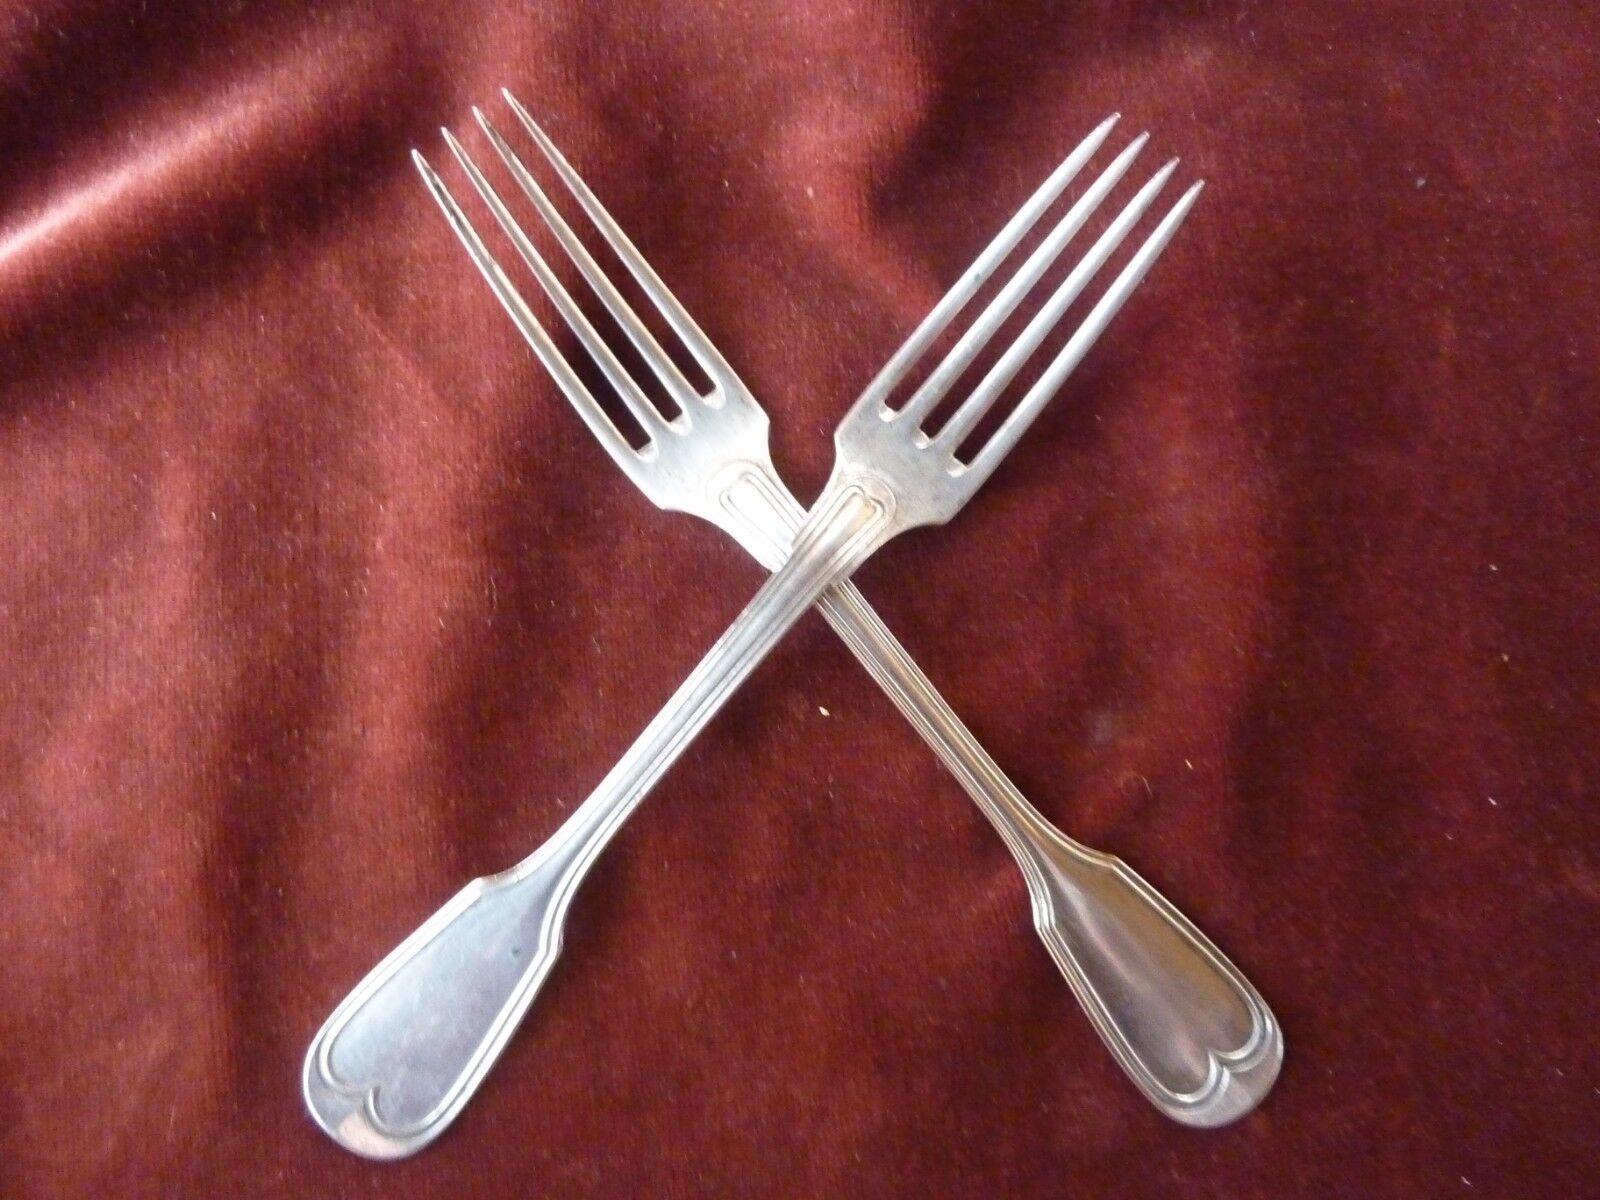 2 fourchettes filet poincon allemand argent 800 1000 poids 110g